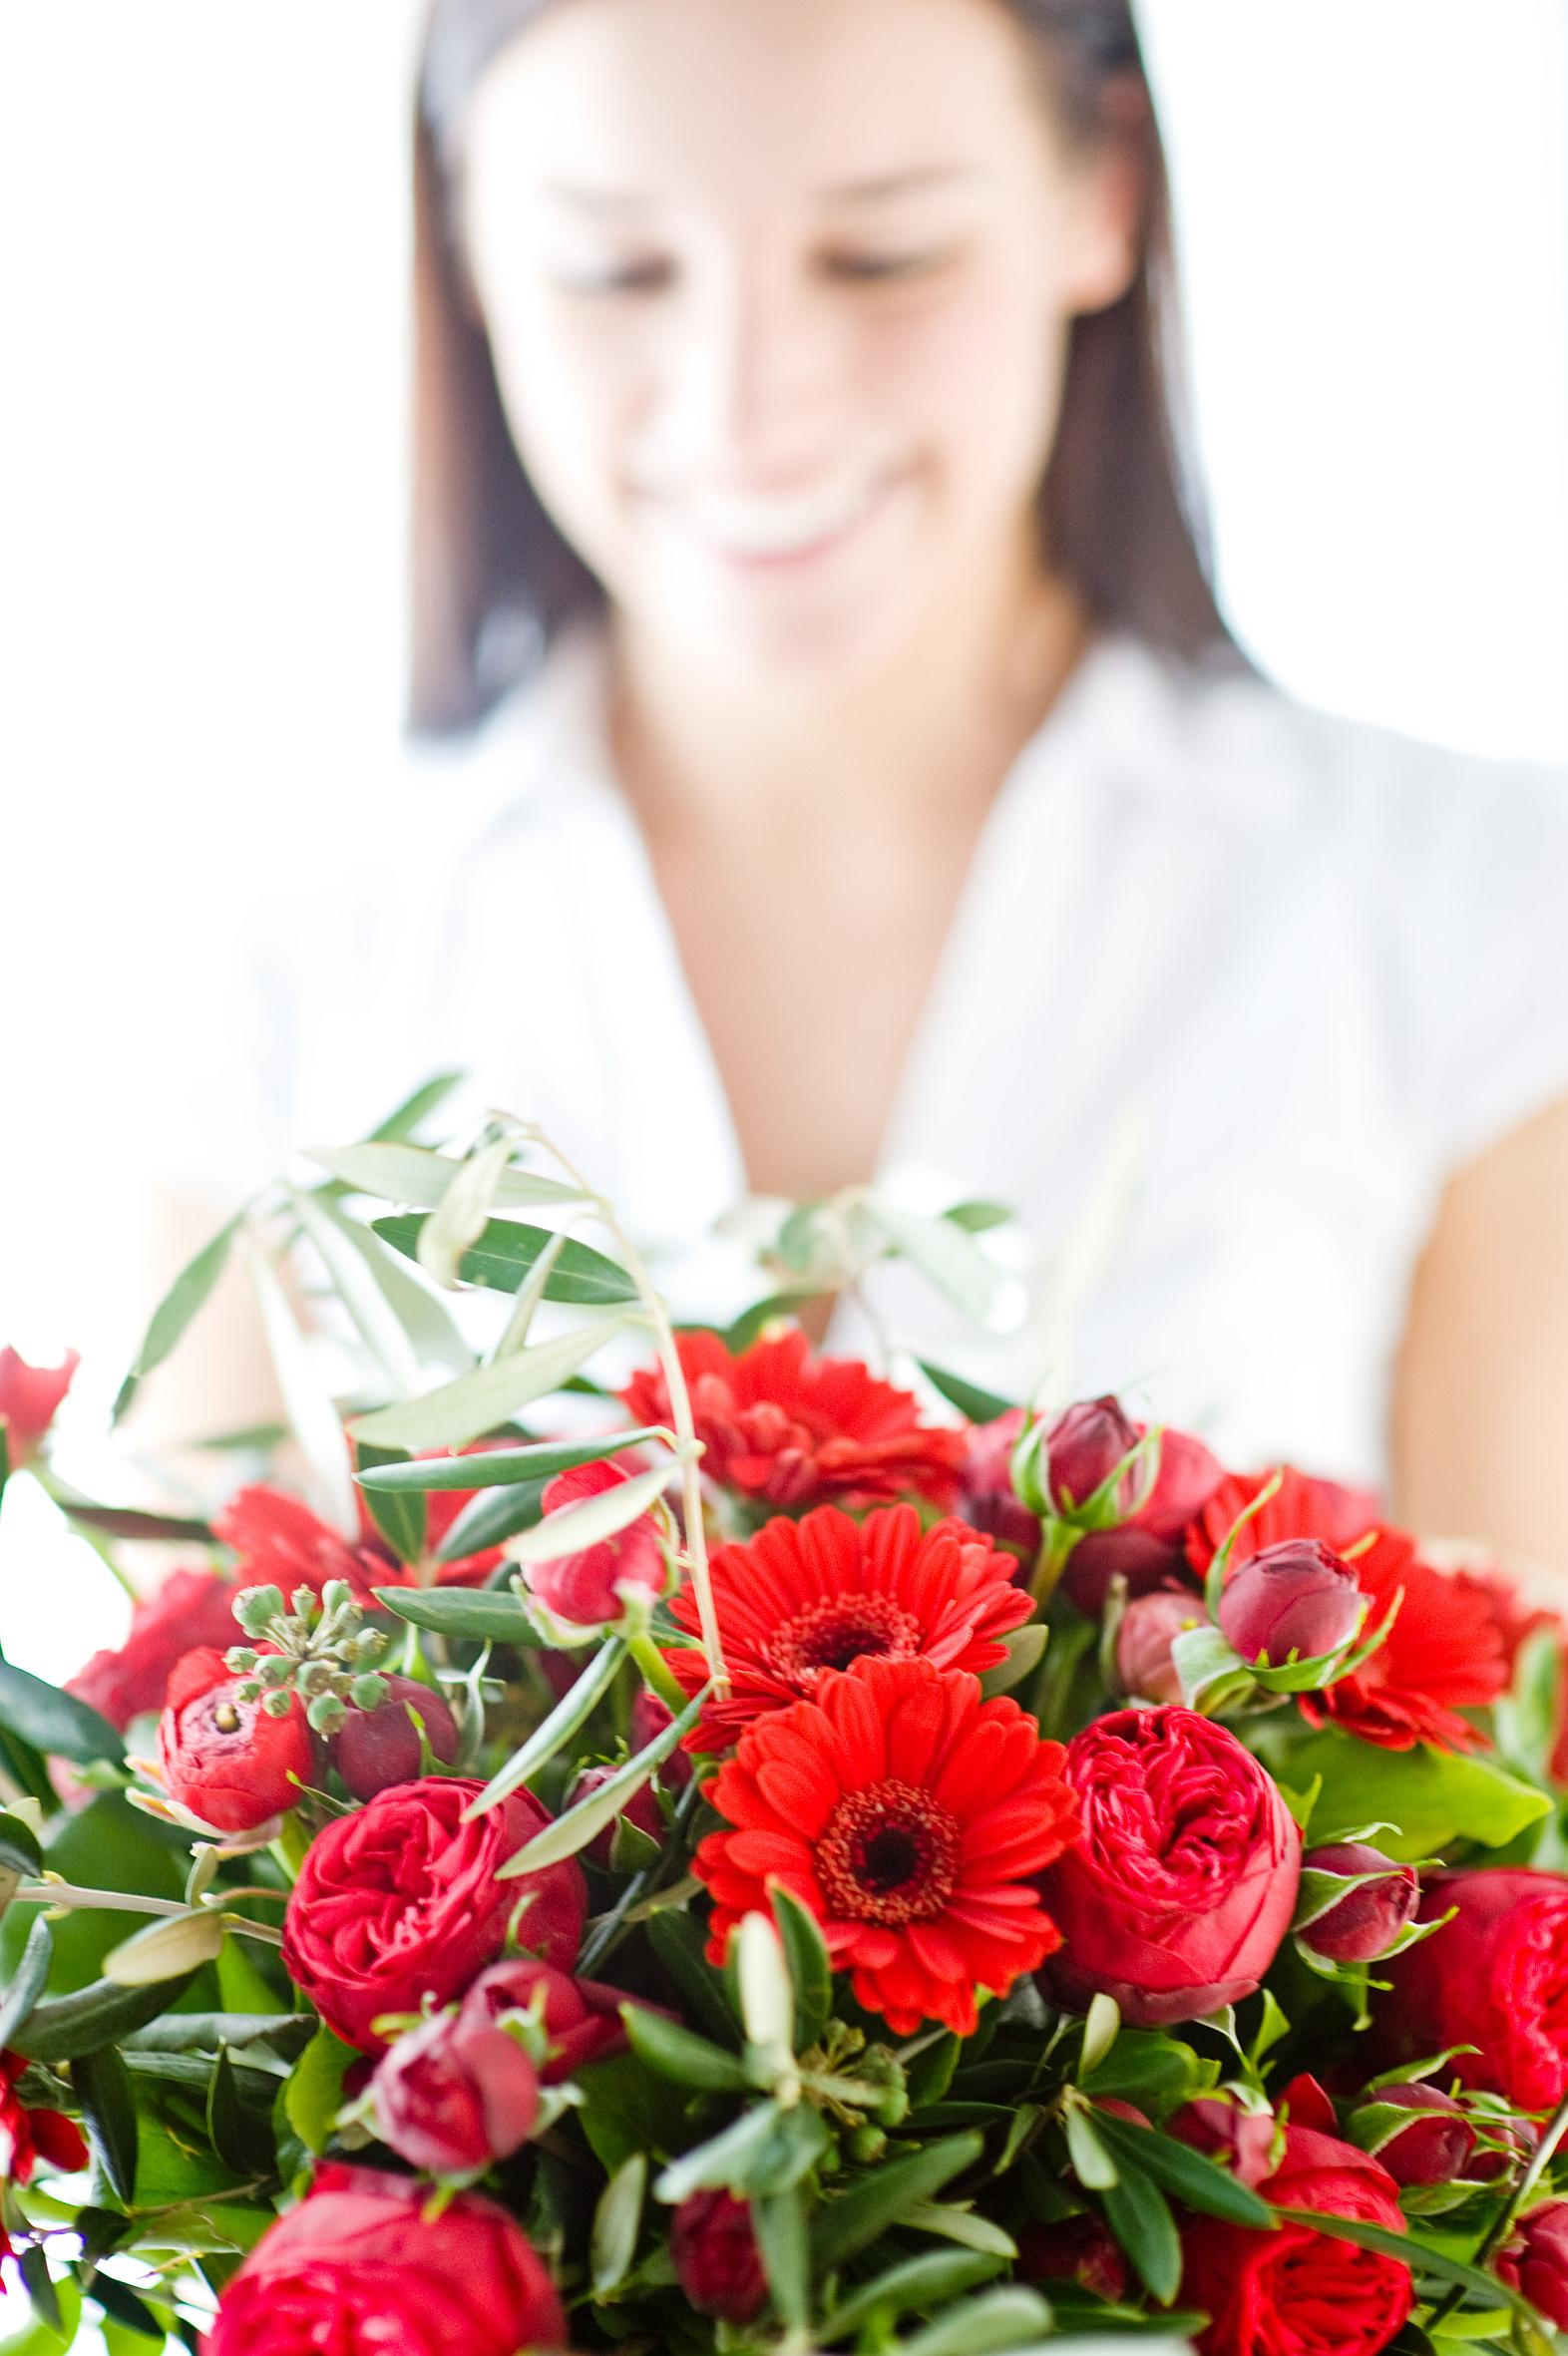 Am 8. März wird der Internationale Frauentag gefeiert: Blumen als Zeichen der Solidarität